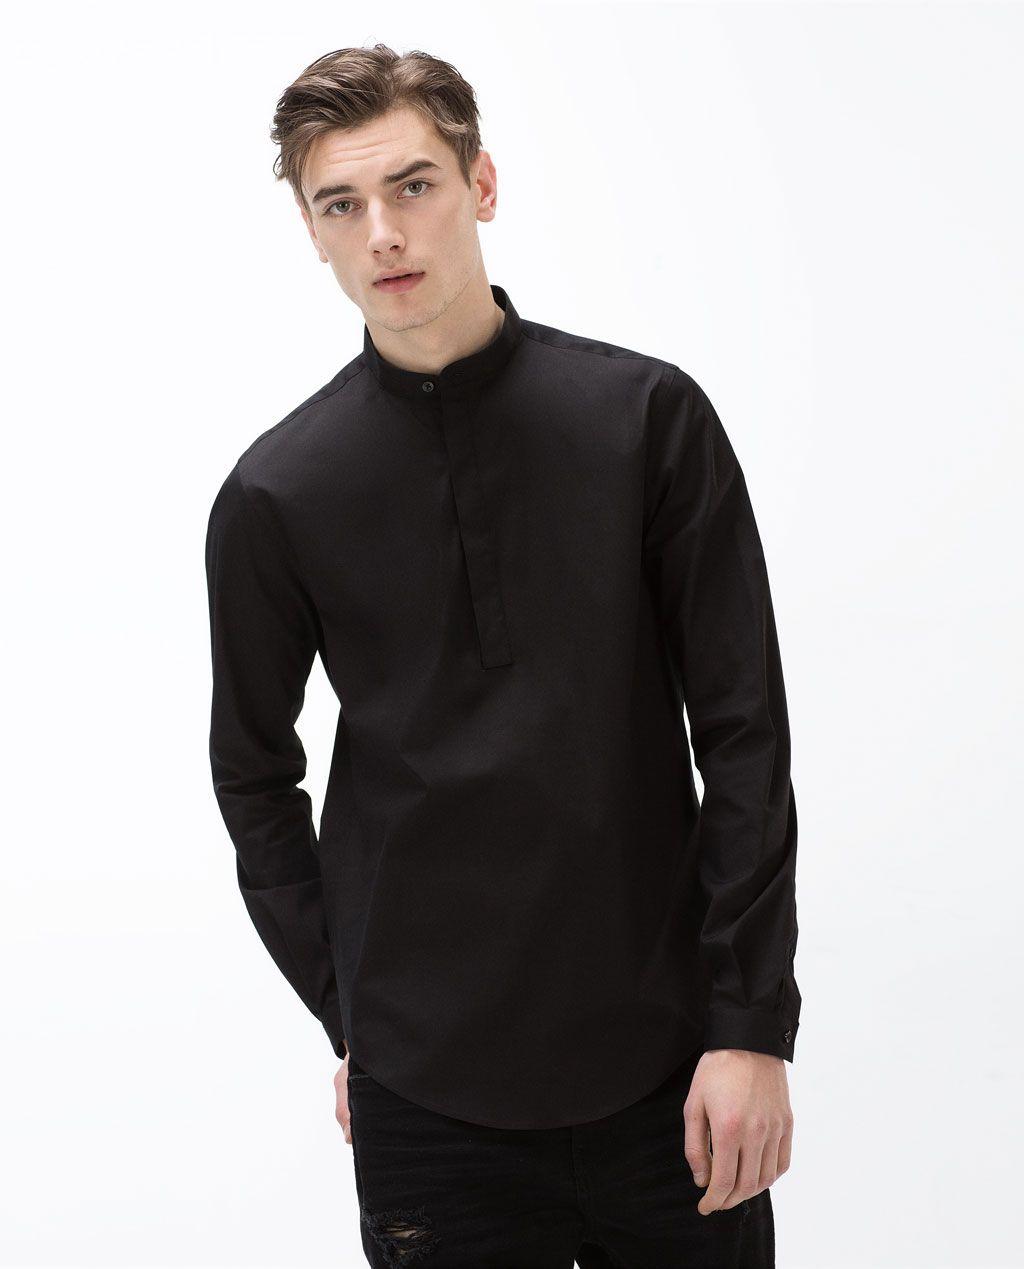 Mandarin Collar Shirt Lumenuniforms Pinterest